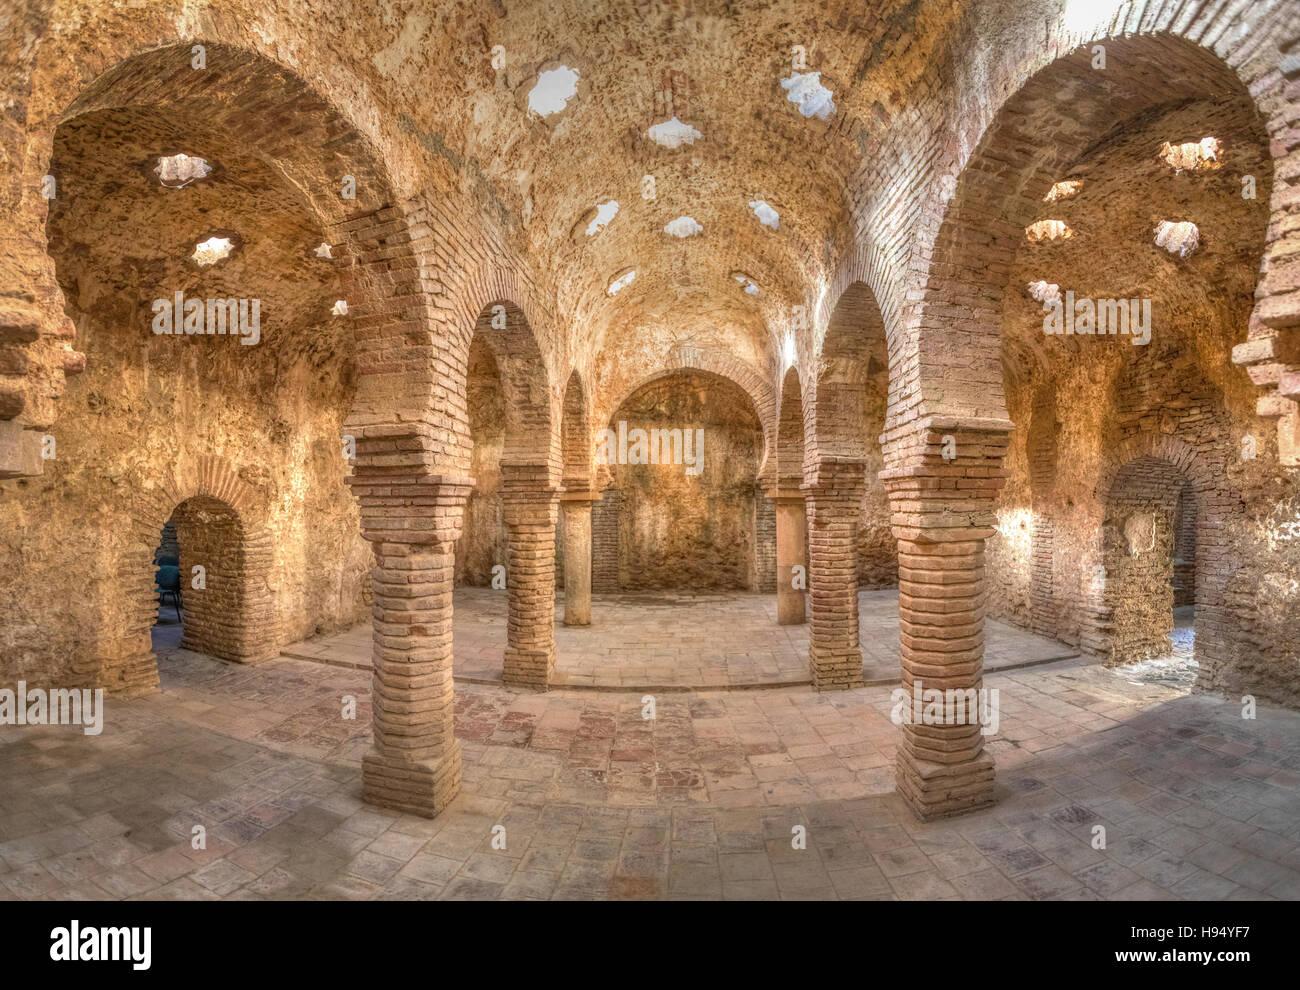 Bagni Arabi costruito nel XIII secolo, Ronda, Andalusia, Spagna Immagini Stock